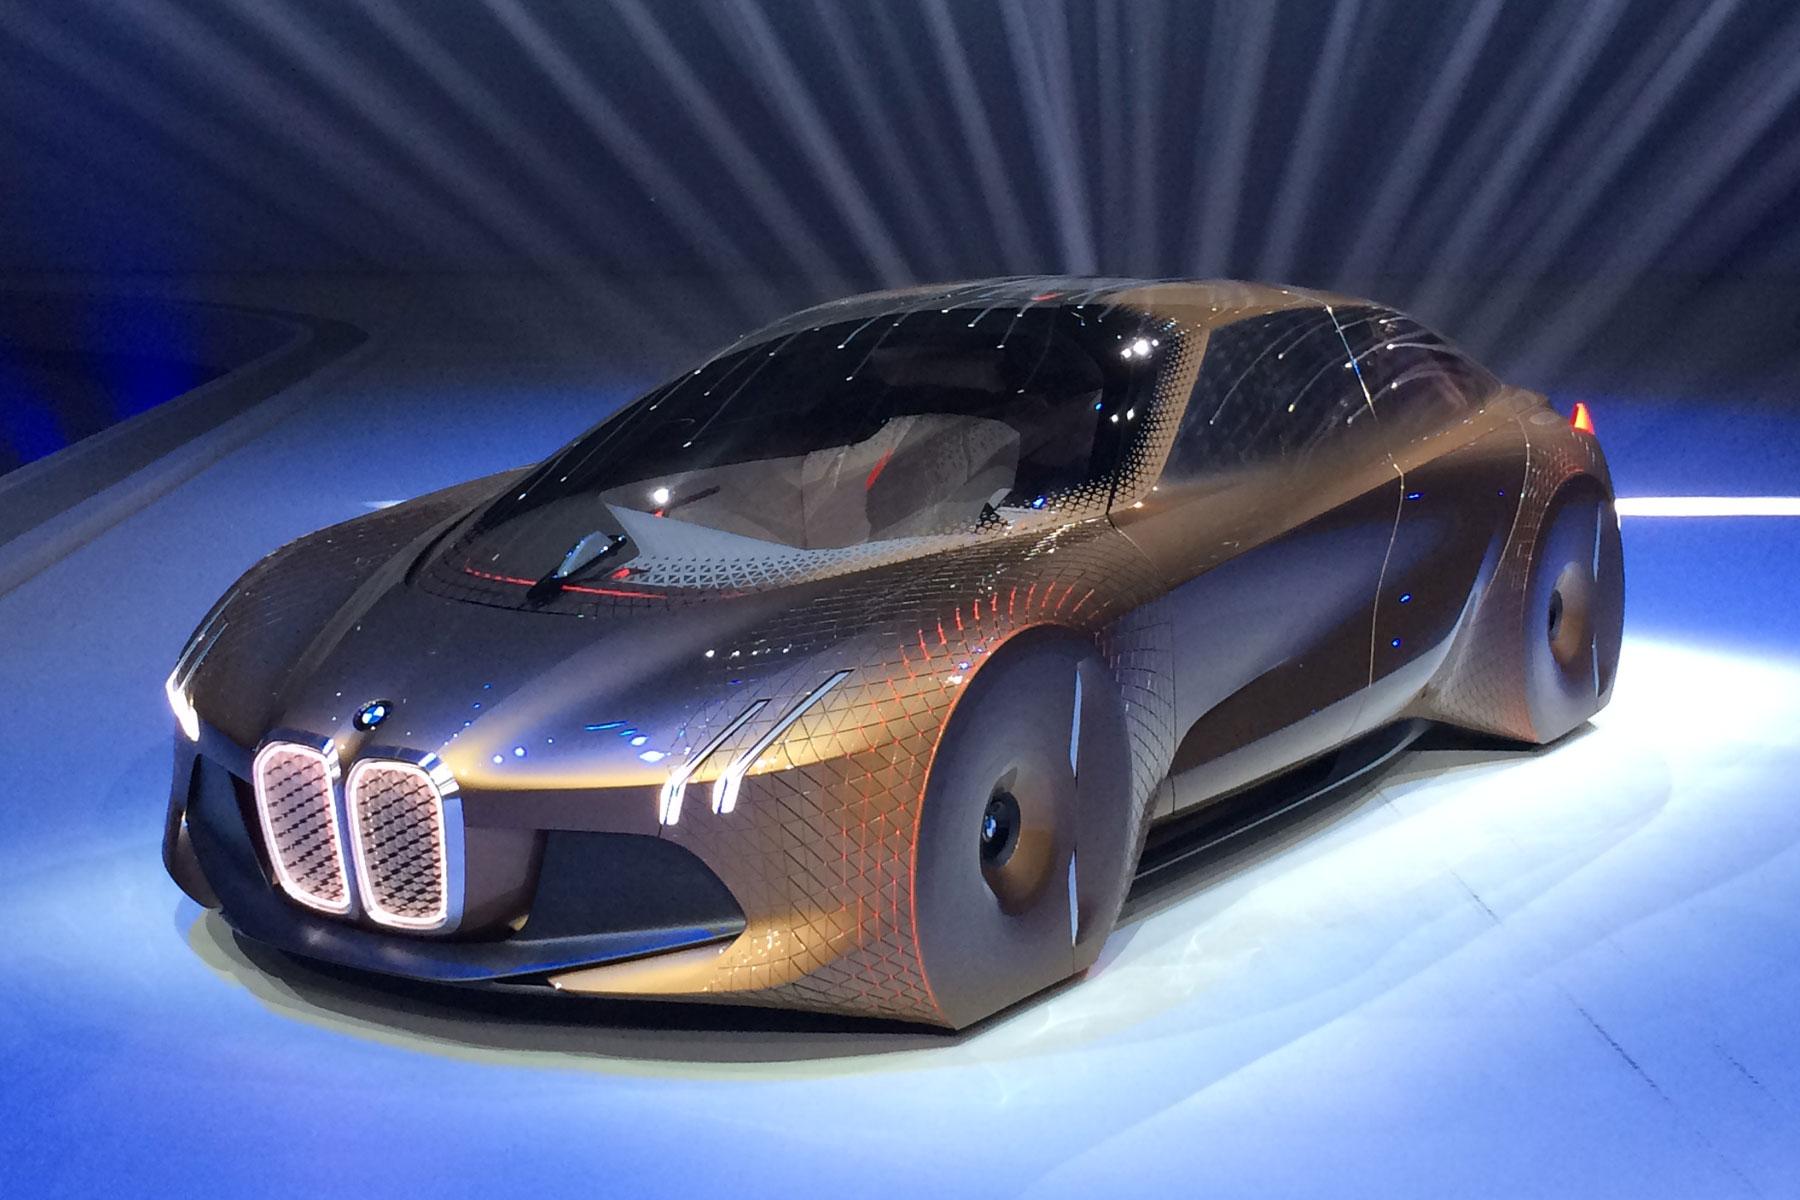 bmw vision next 100 concept car revealed on 100th. Black Bedroom Furniture Sets. Home Design Ideas